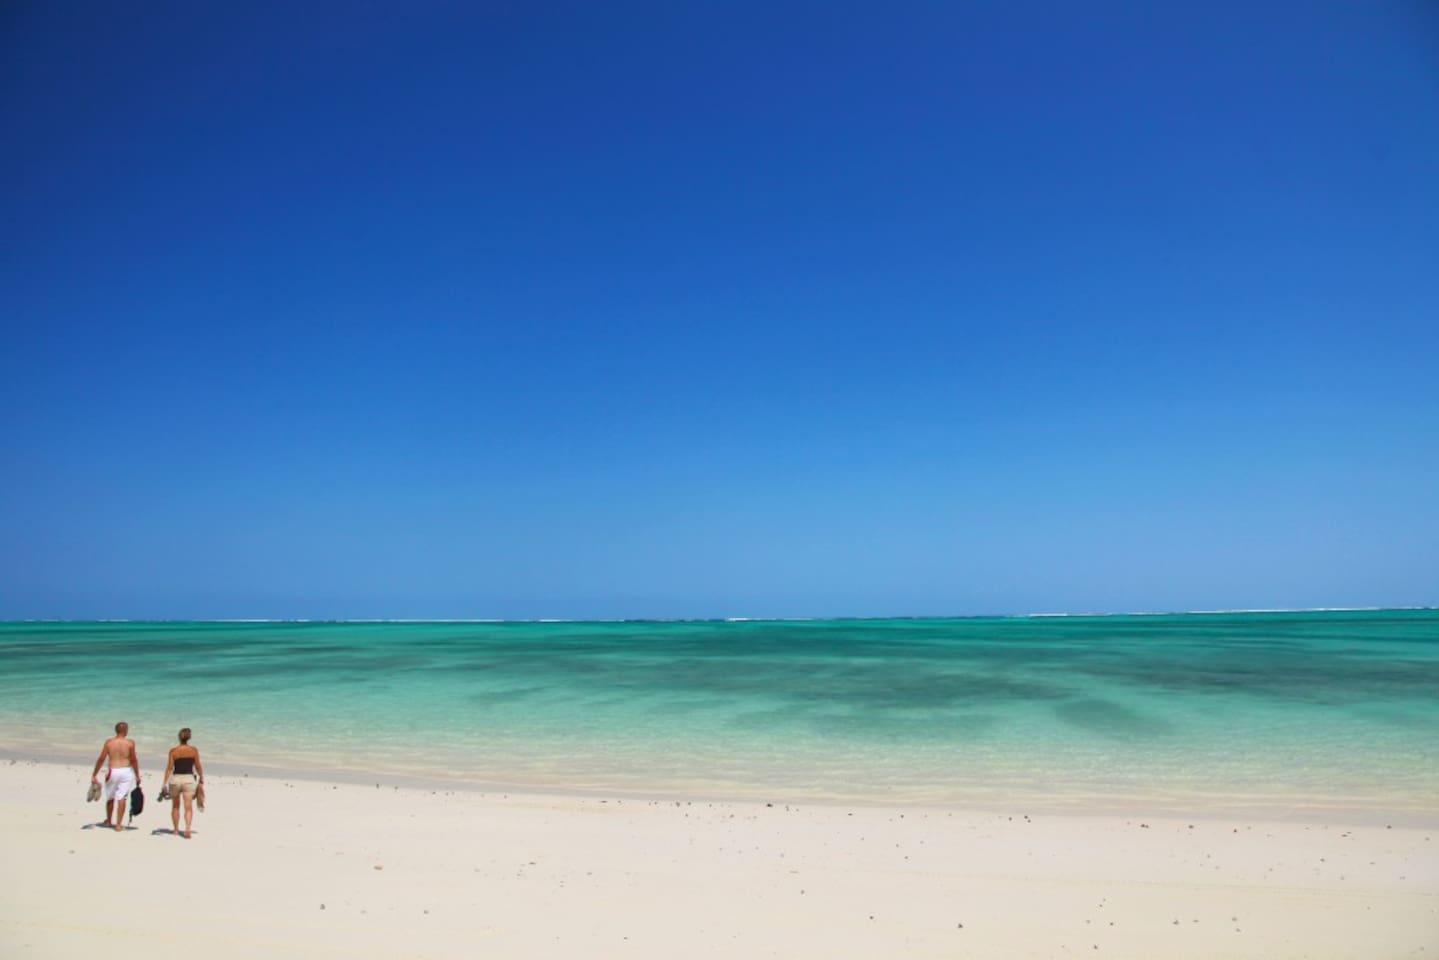 La nature et la tranquilité, du soleil toute l'année et un lagon d'une beauté incroyable. Idéal pour les amoureux et les familles !